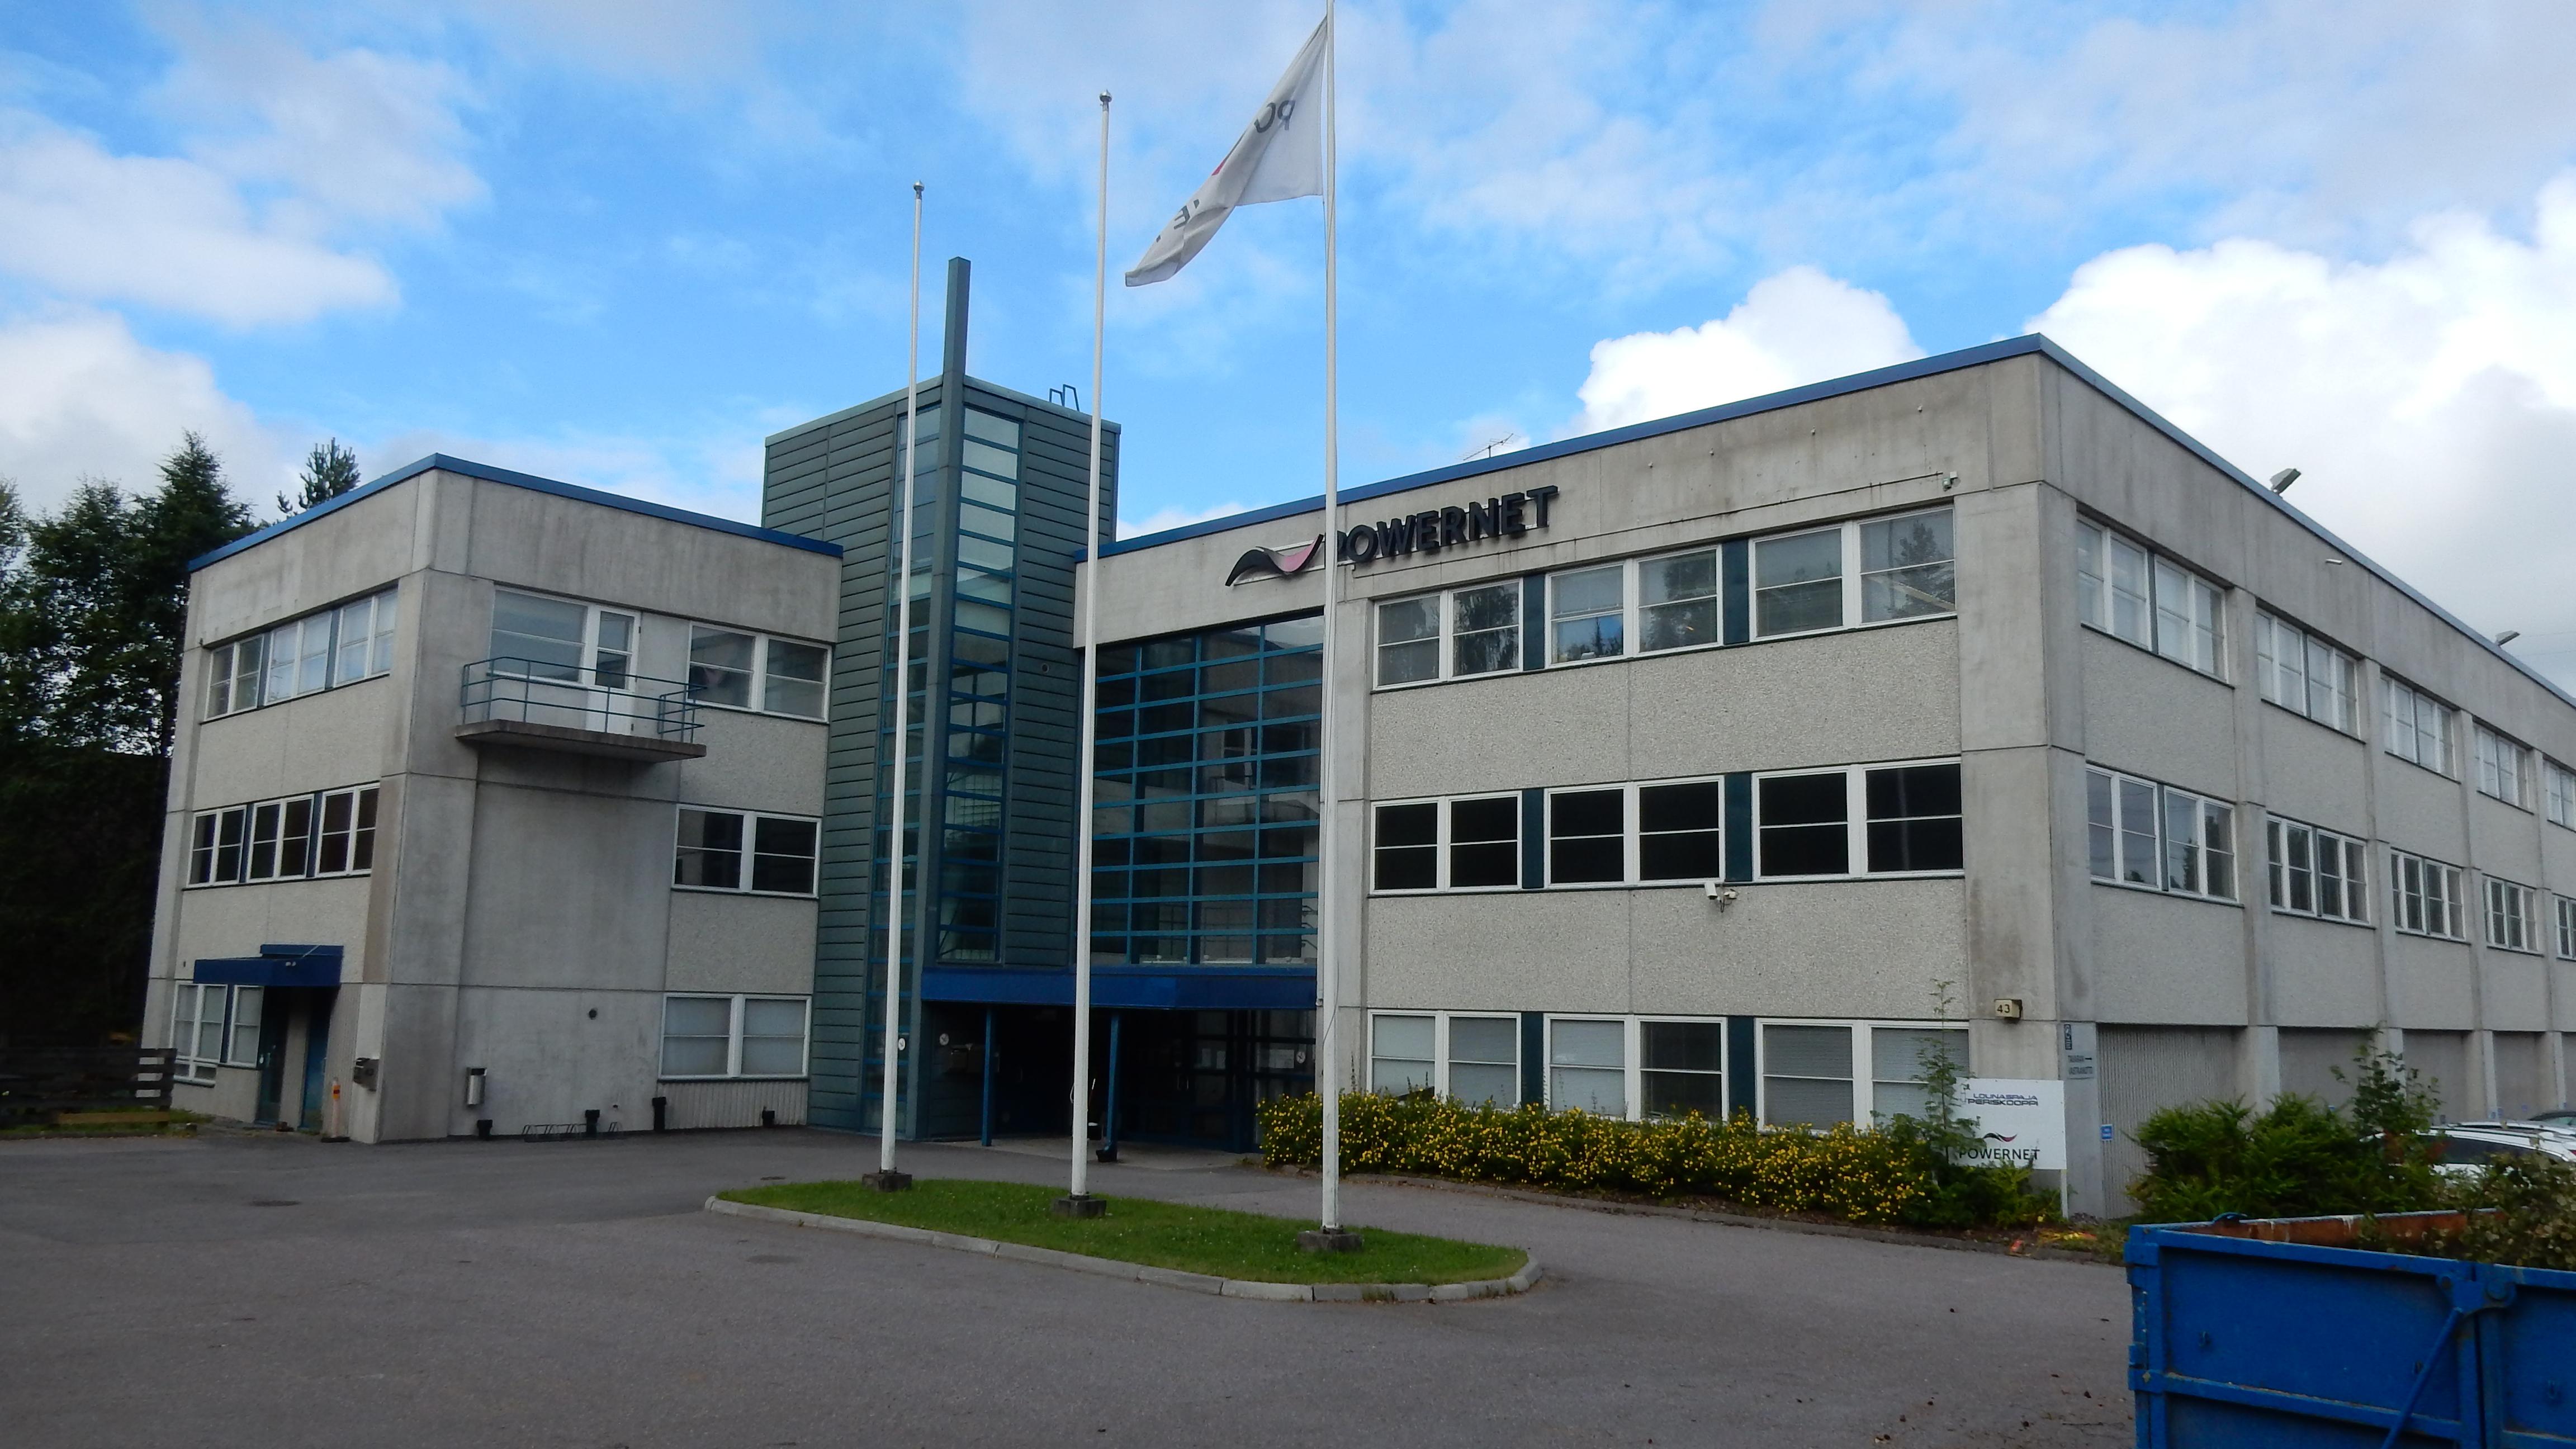 Martinkyläntie 43, Varisto, Vantaa